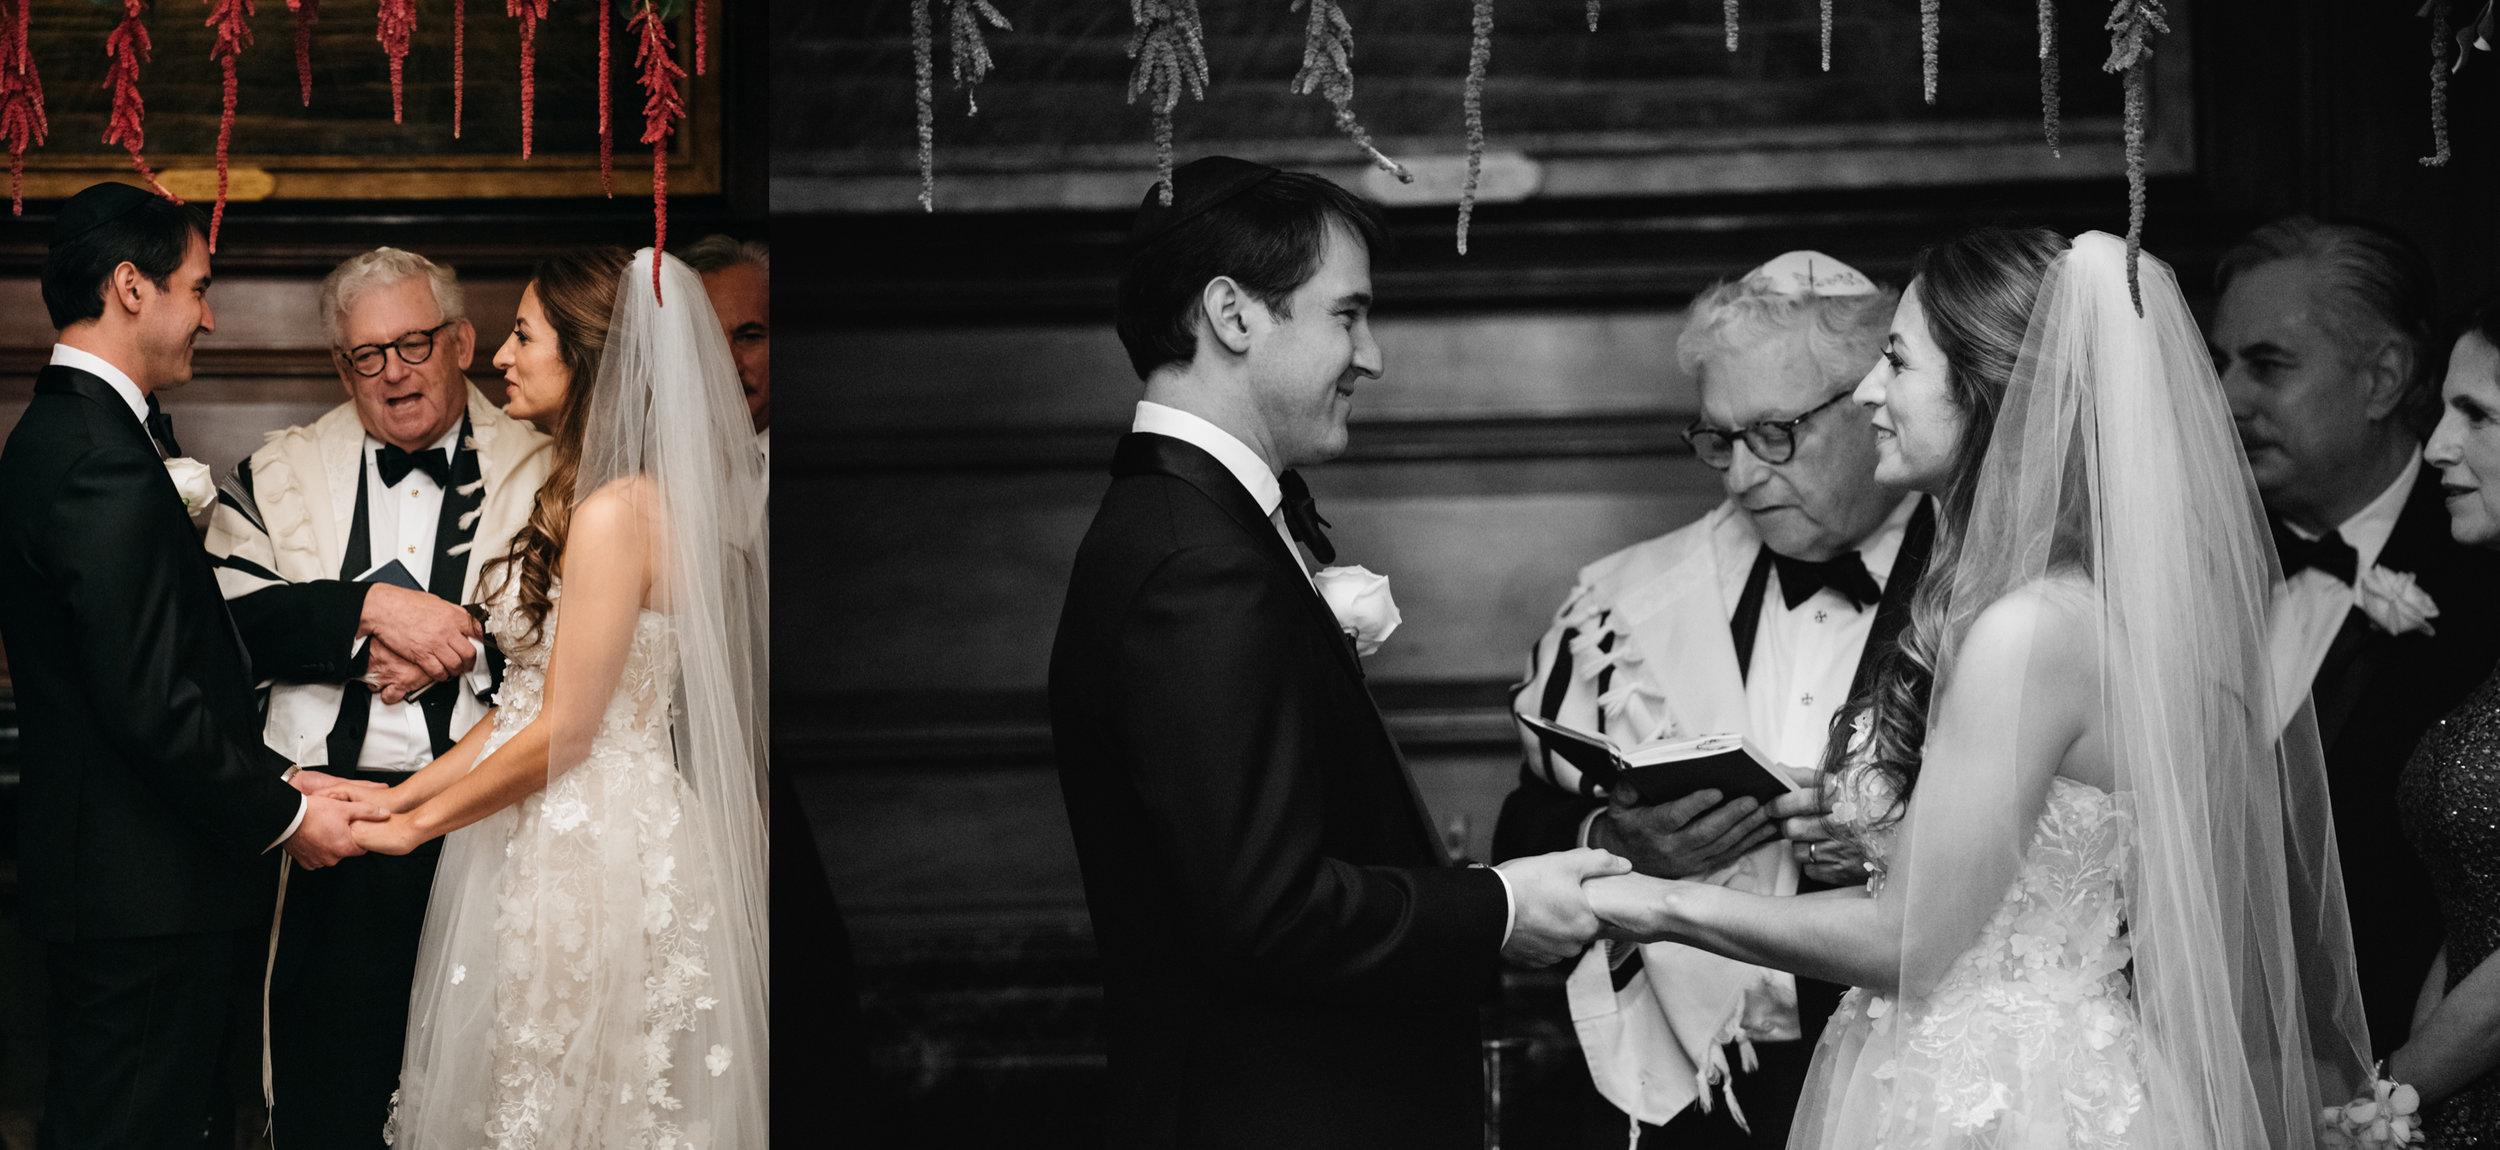 Duquesne Club wedding, Mariah Fisher Photography.jpg